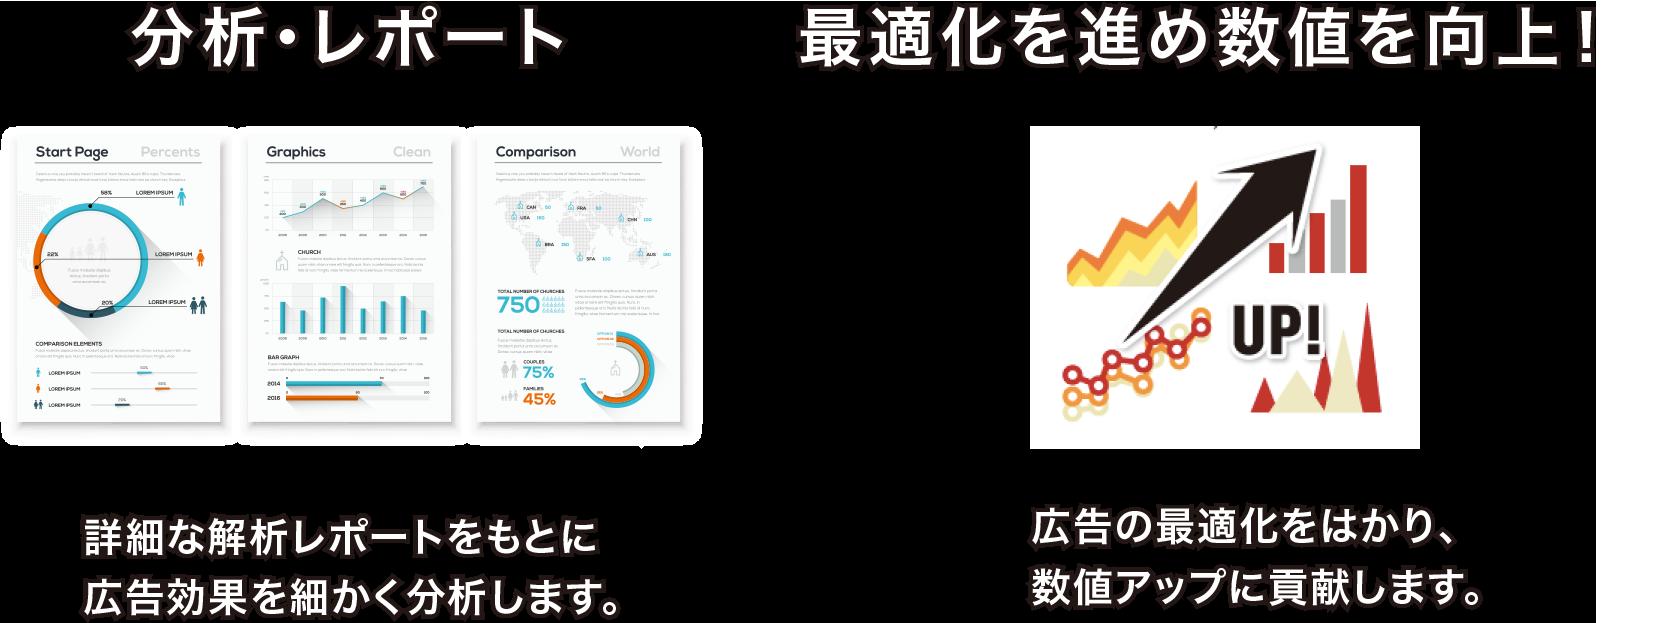 分析・レポート 詳細な解析レポートをもとに広告効果を細かく分析します。 最適化を進め数値を向上